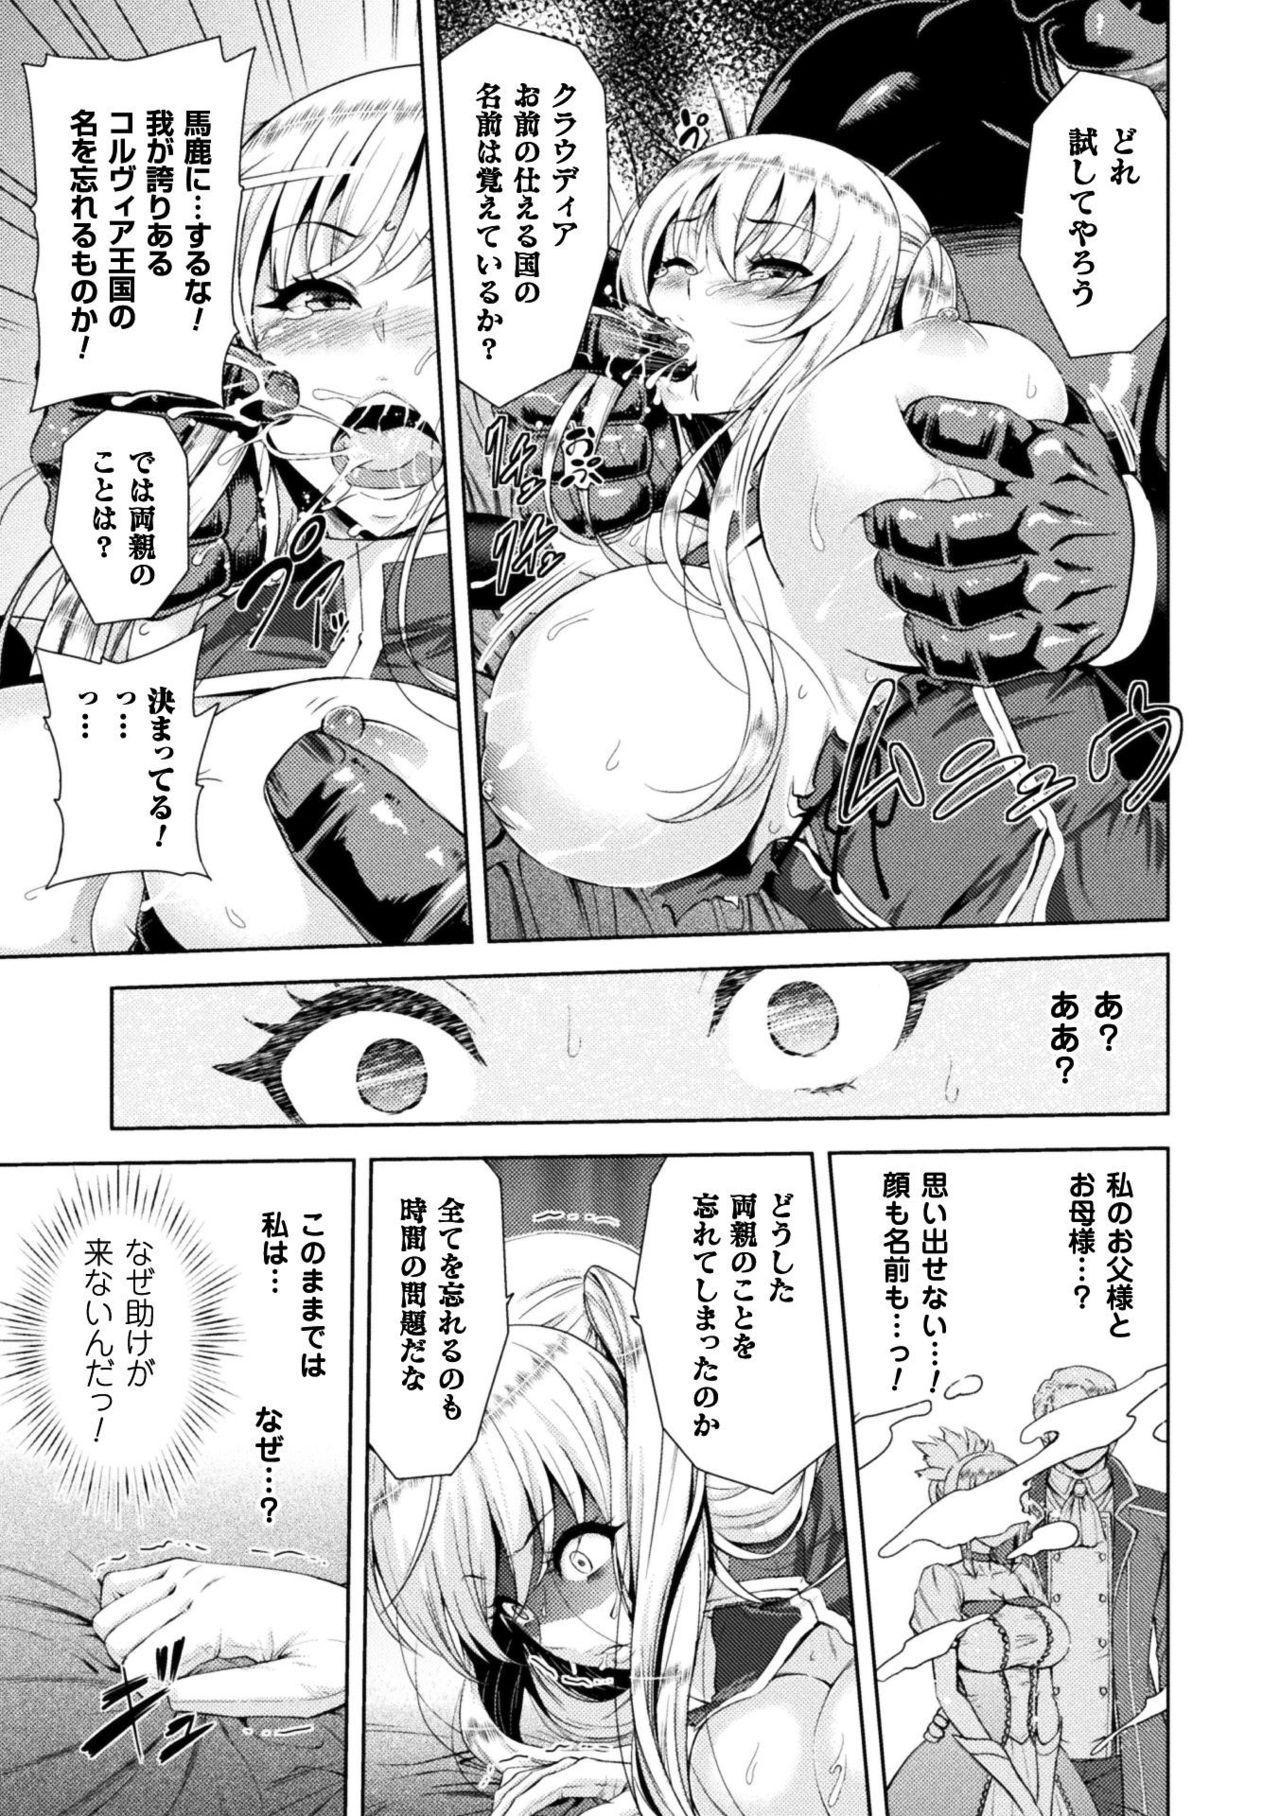 ERONA Orc no Inmon ni Okasareta Onna Kishi no Matsuro 36